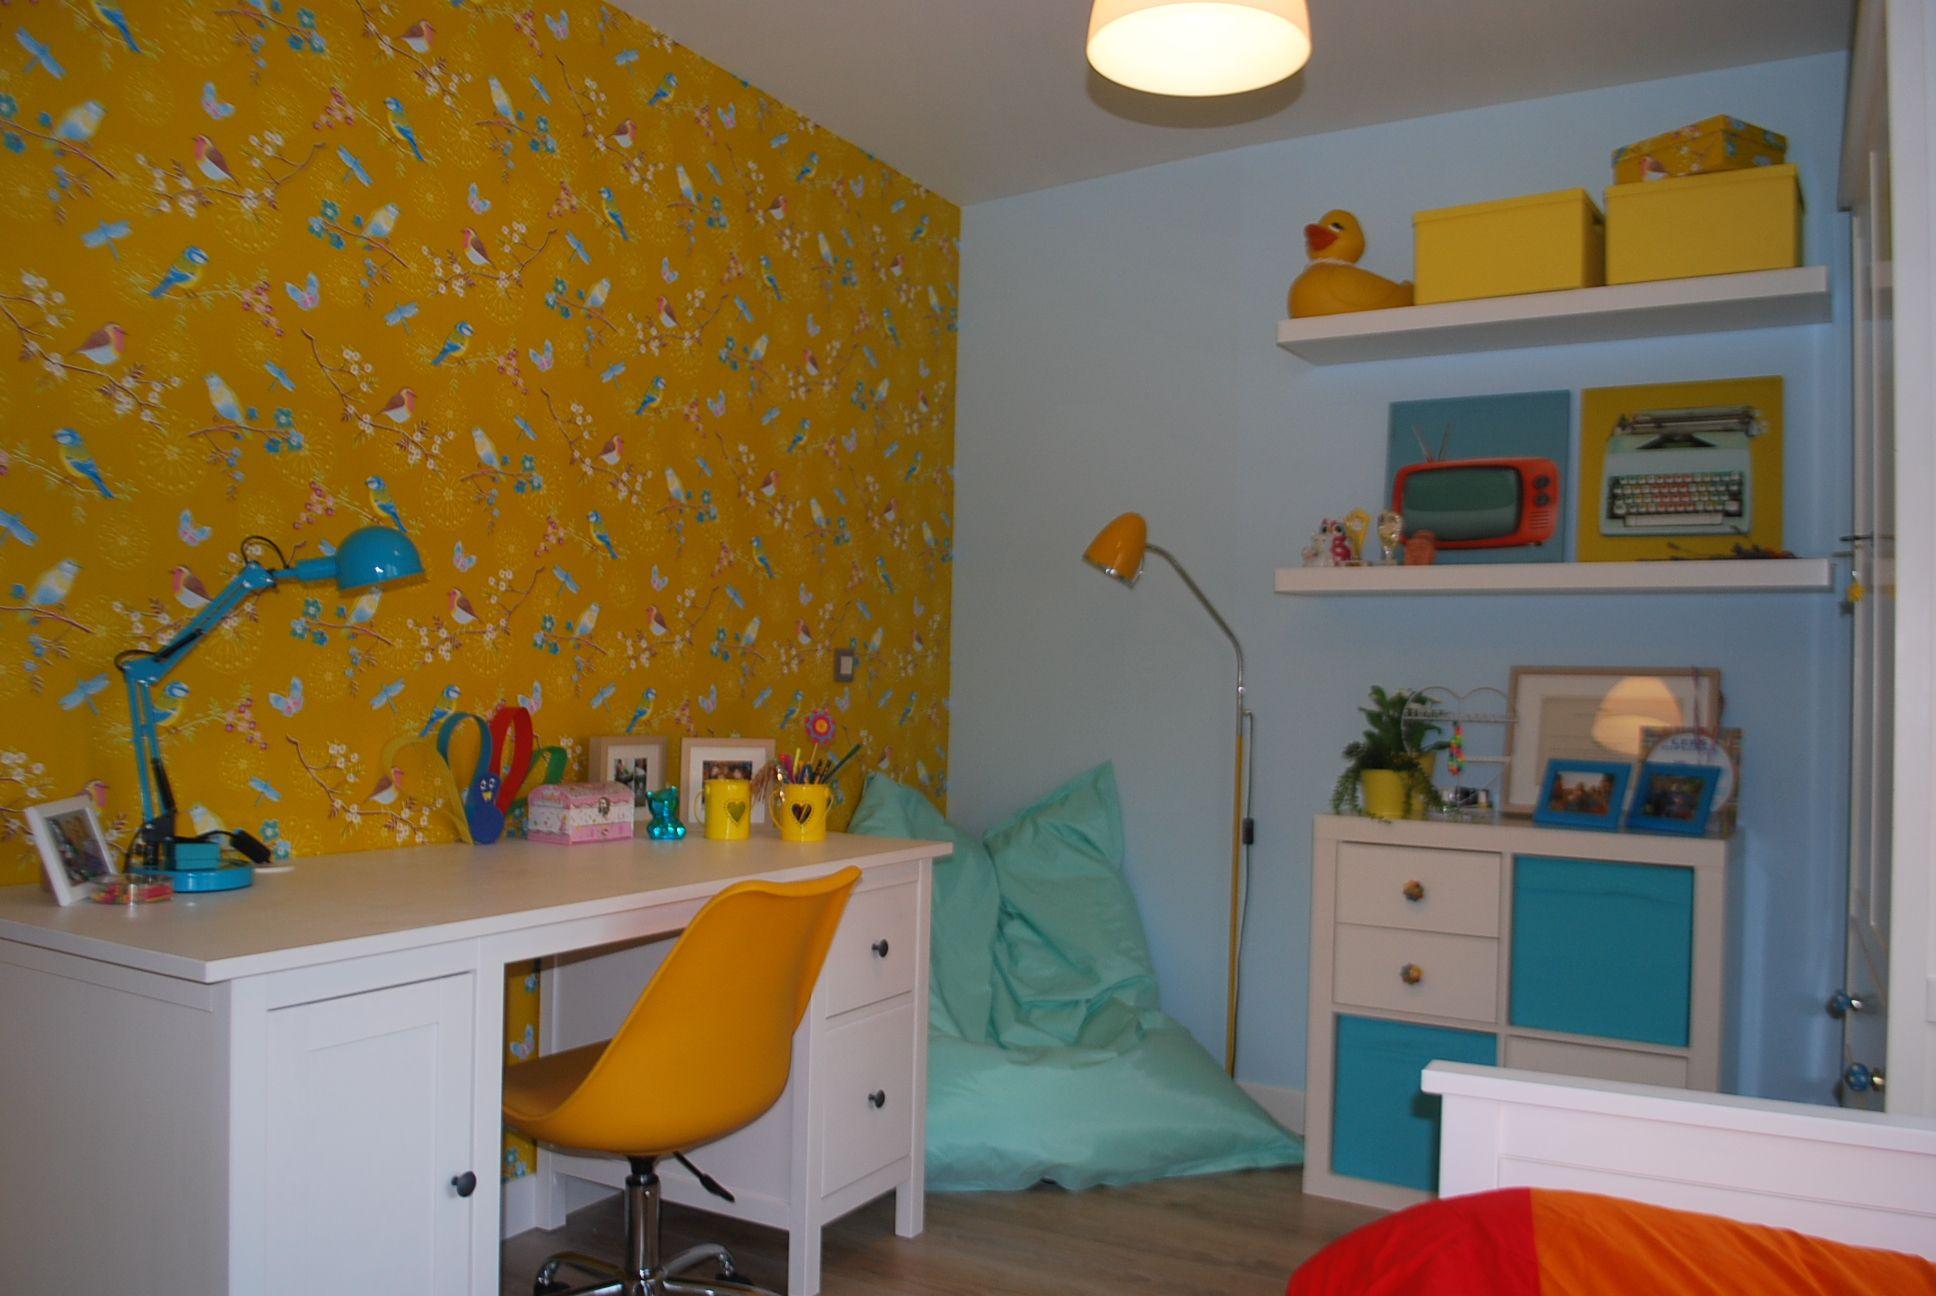 Behang Kinderkamer Geel : Pip behang vogeltjes geel kinderkamer pinterest